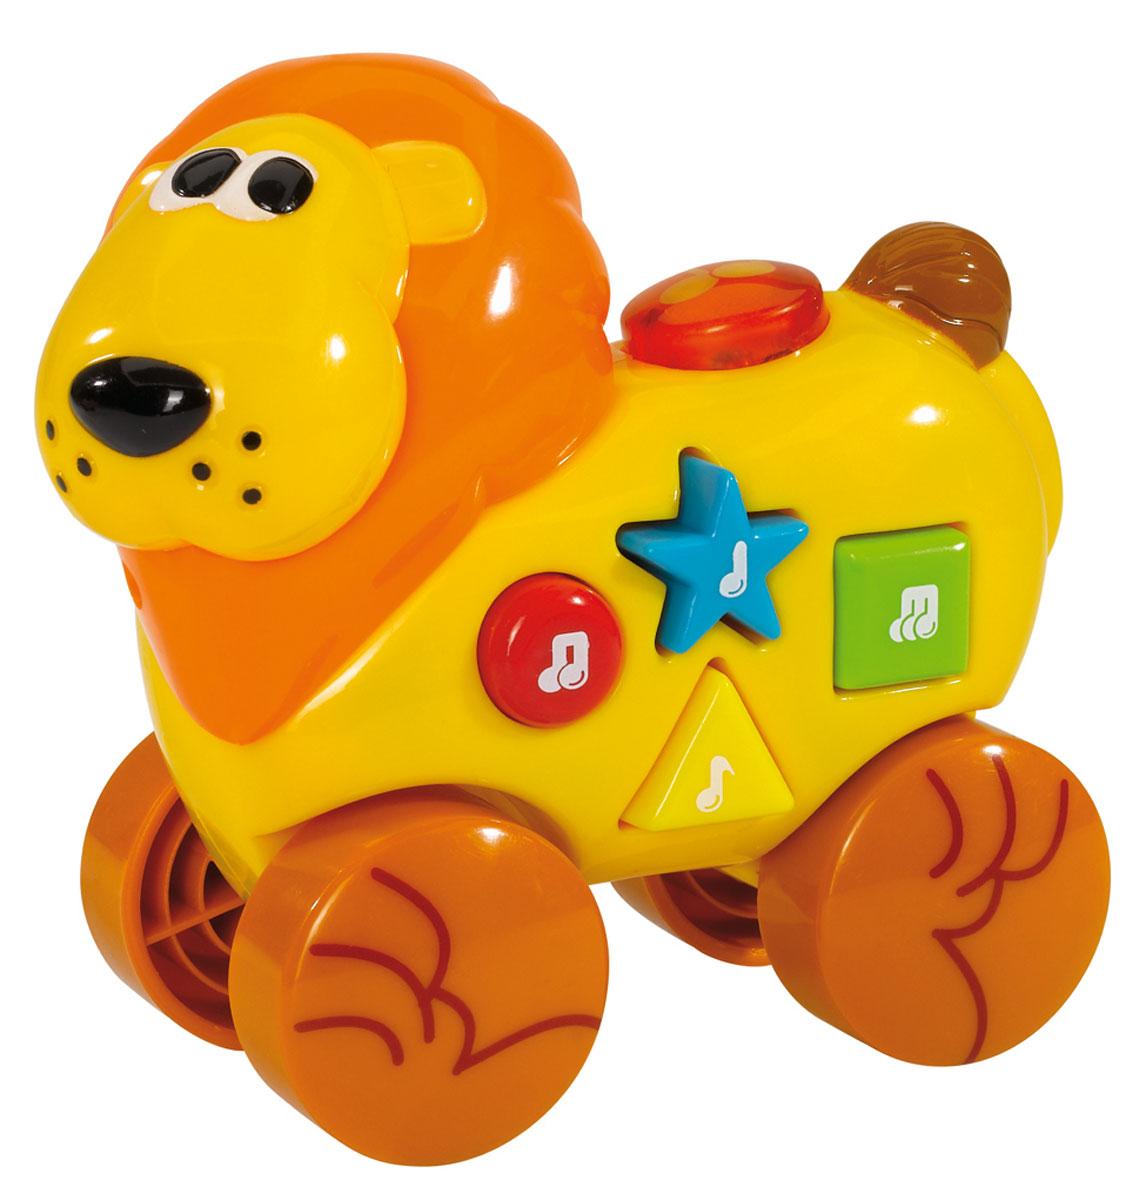 Simba Музыкальная игрушка Лев на колесиках4011610_левКрасочная развивающая игрушка Simba Лев на колесиках понравится любому малышу. Игрушка изготовлена из высококачественного пластика ярких цветов в виде забавного желтого львенка. Нажимая на большие разноцветные кнопочки на его спине, можно услышать веселые мелодии, которые сопровождаются световыми эффектами. Ребенку будет интересно катать игрушку и передвигаться за ней по комнате - ползком, или даже делая первые шаги. Благодаря данной игрушке, ребенок будет развивать мелкую моторику и цветовое и звуковое восприятие. Для работы необходимы 3 батарейки типа LR44 (комплектуется демонстрационными).